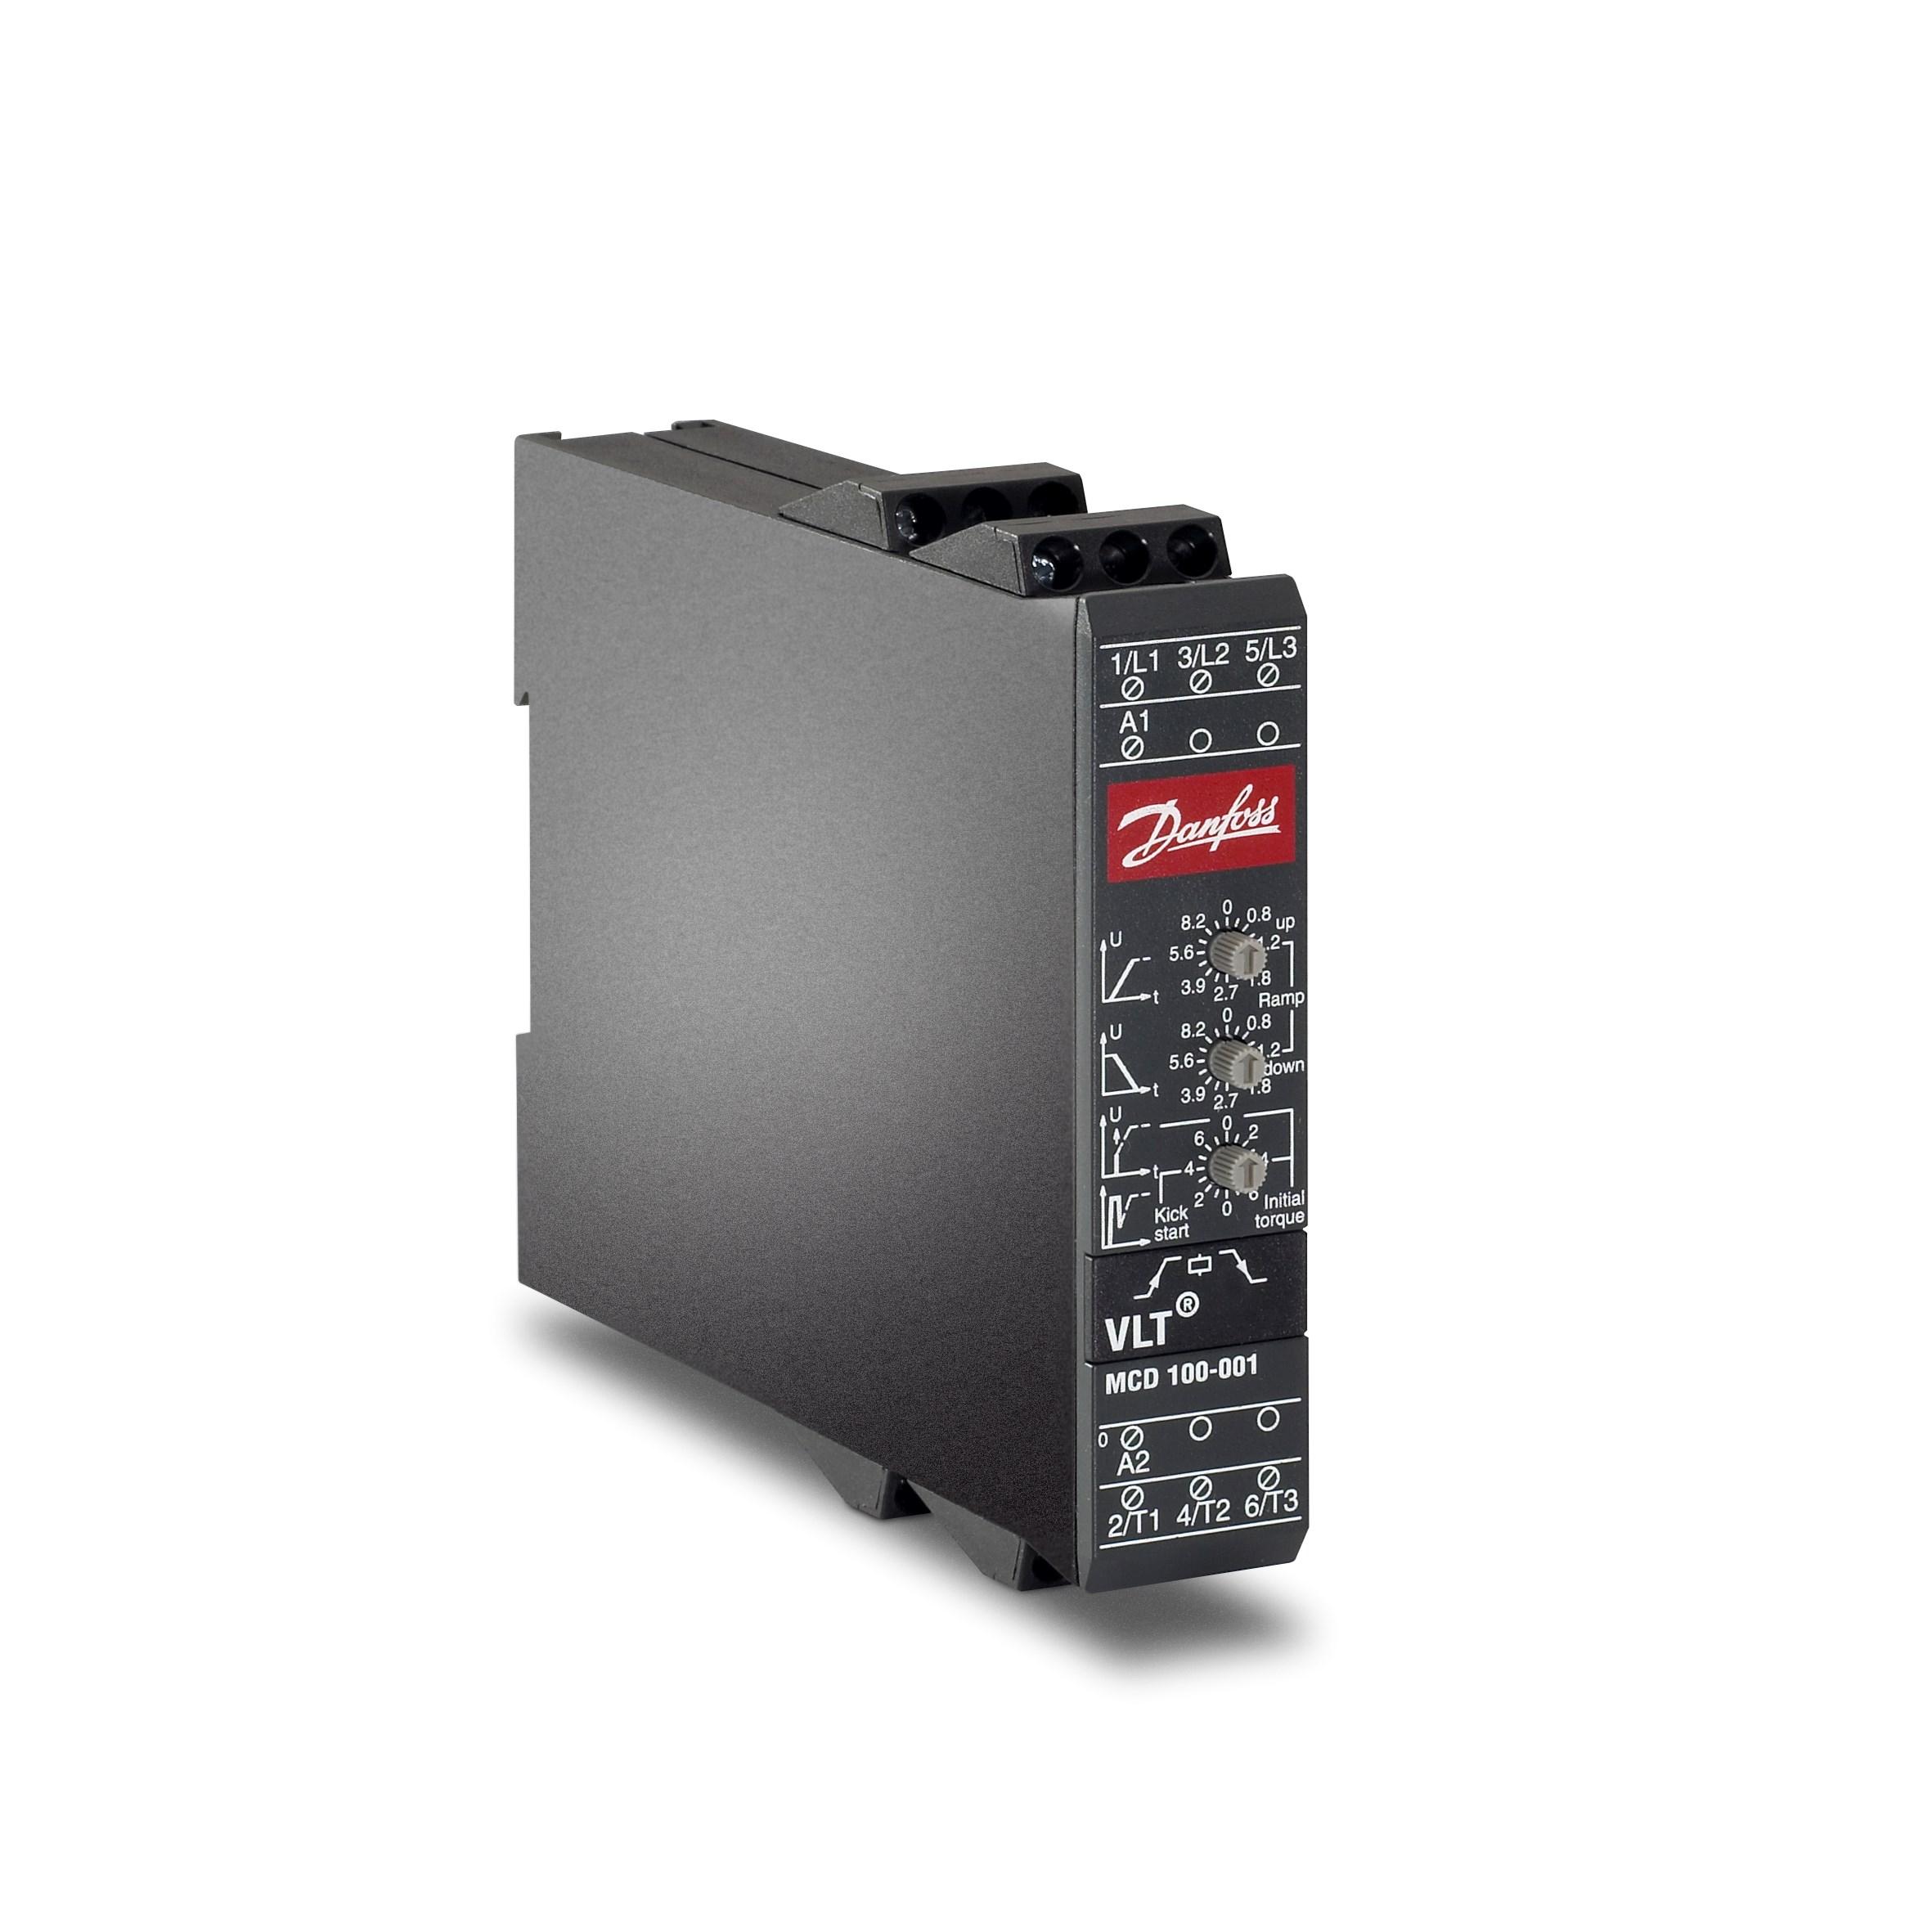 MCD100-001 400-415V, 3 A, 1,5 kW